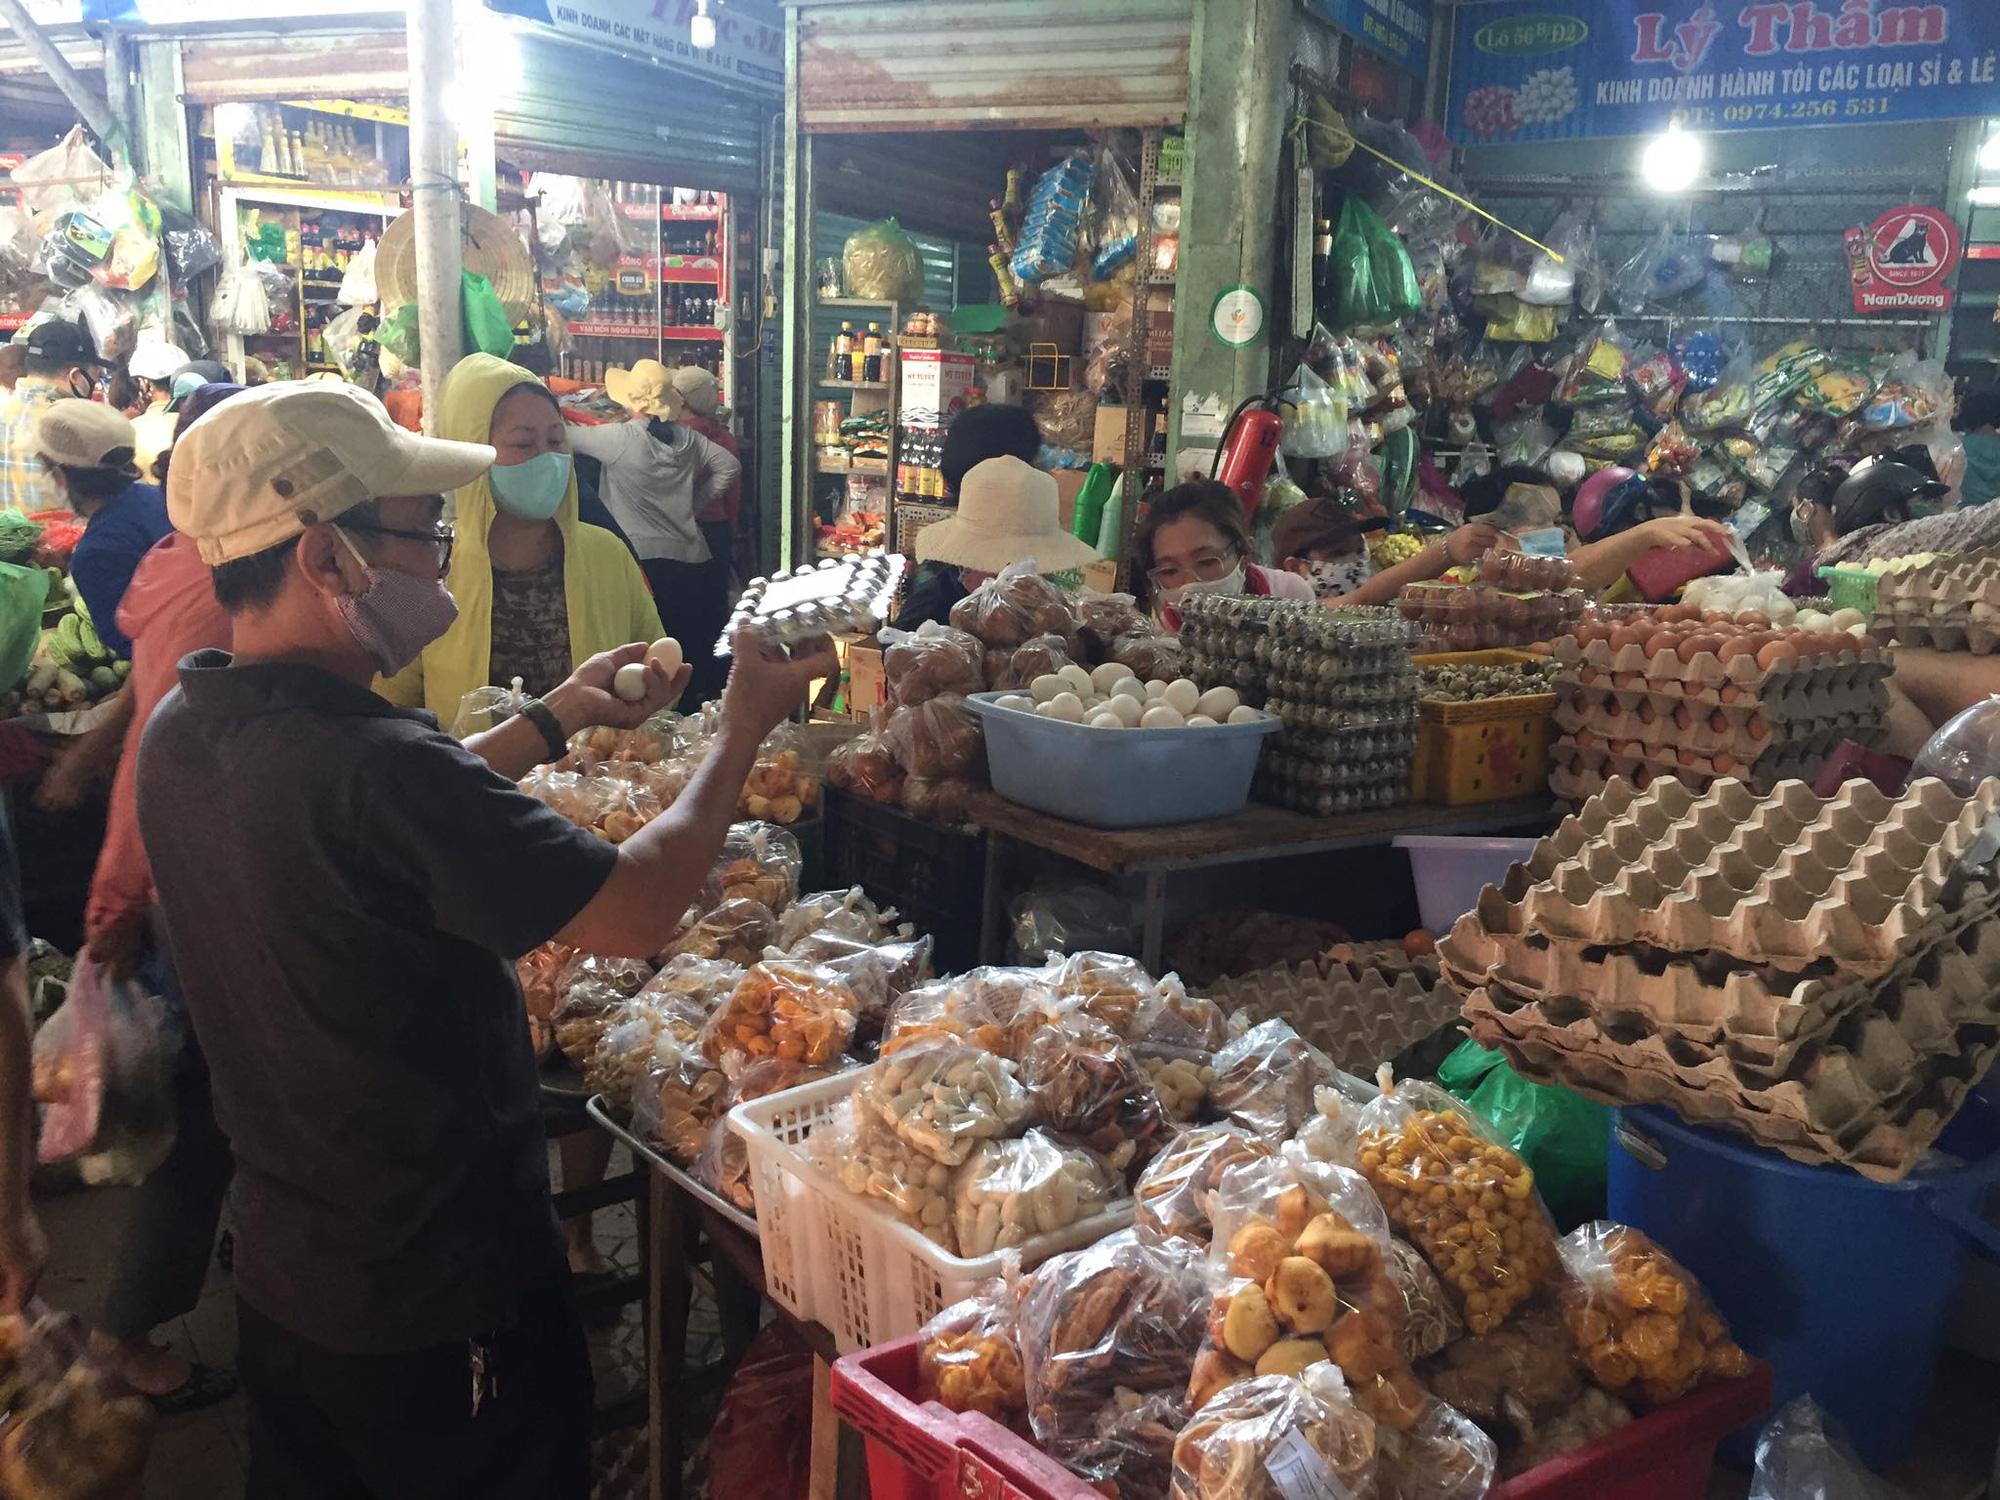 """Dịch Covid-19: Thị trường ở Quảng Nam bình ổn giá, không có chuyện """"găm"""" trữ lương thực - Ảnh 3."""